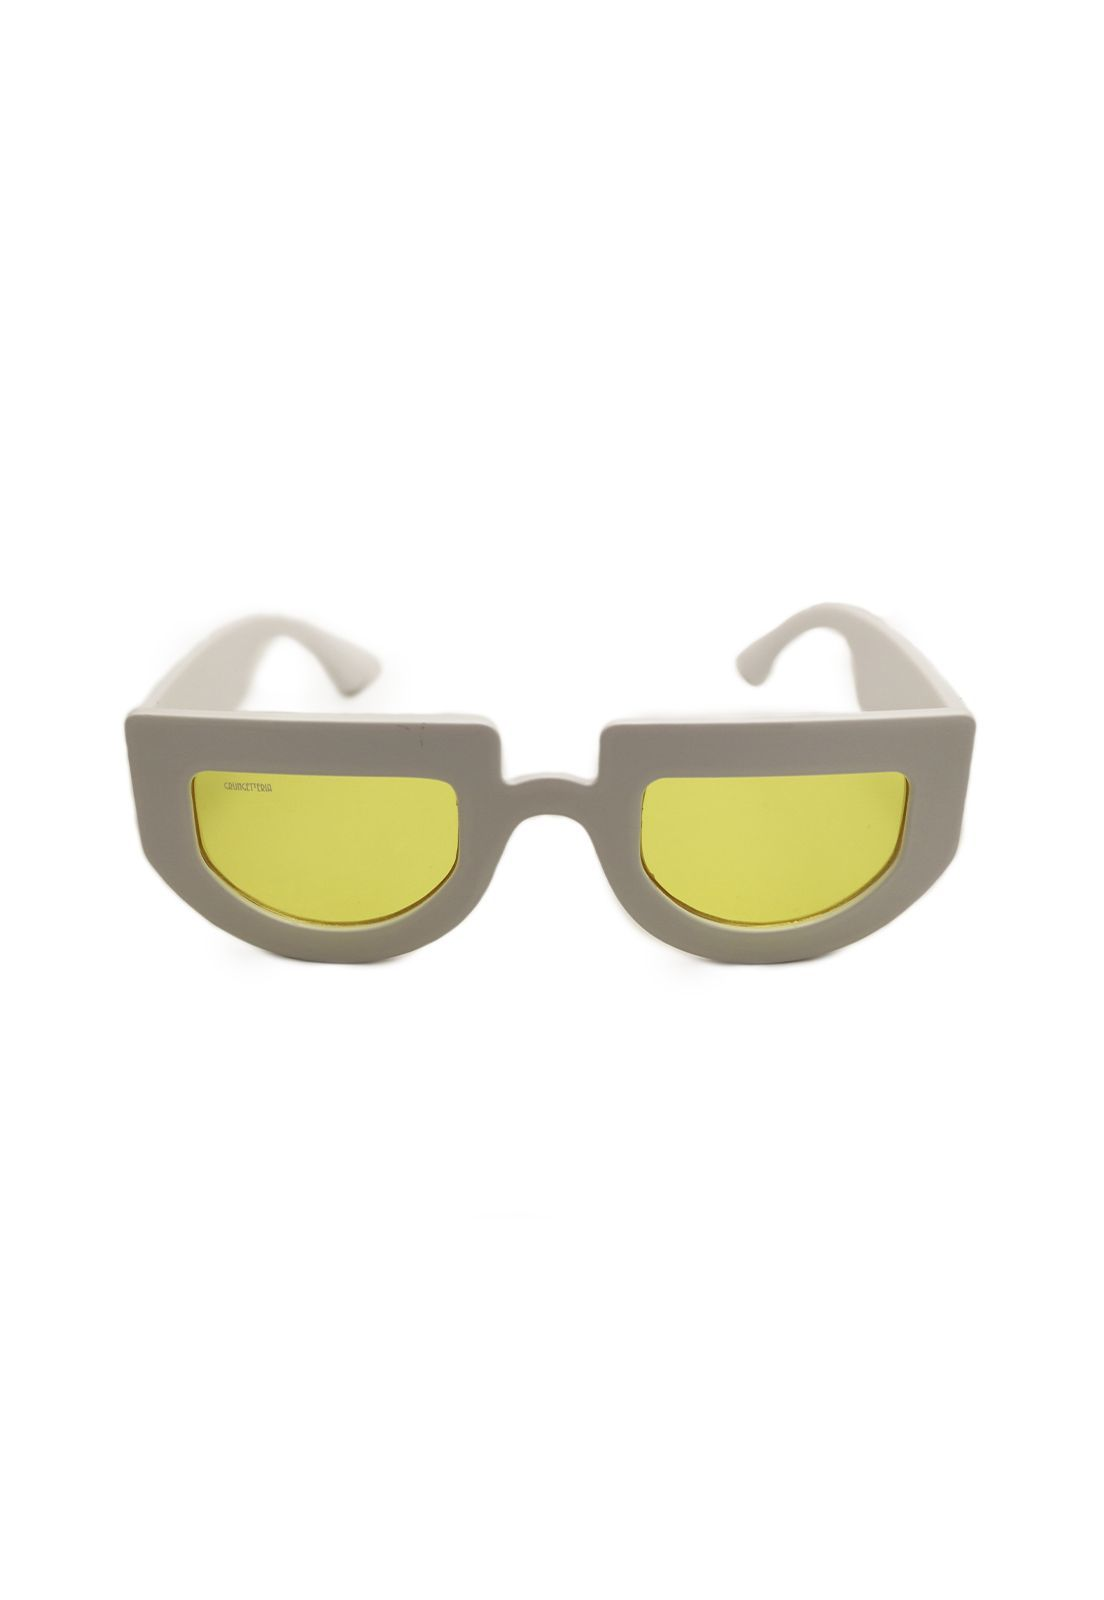 Óculos de Sol Grungetteria High Smile Branco